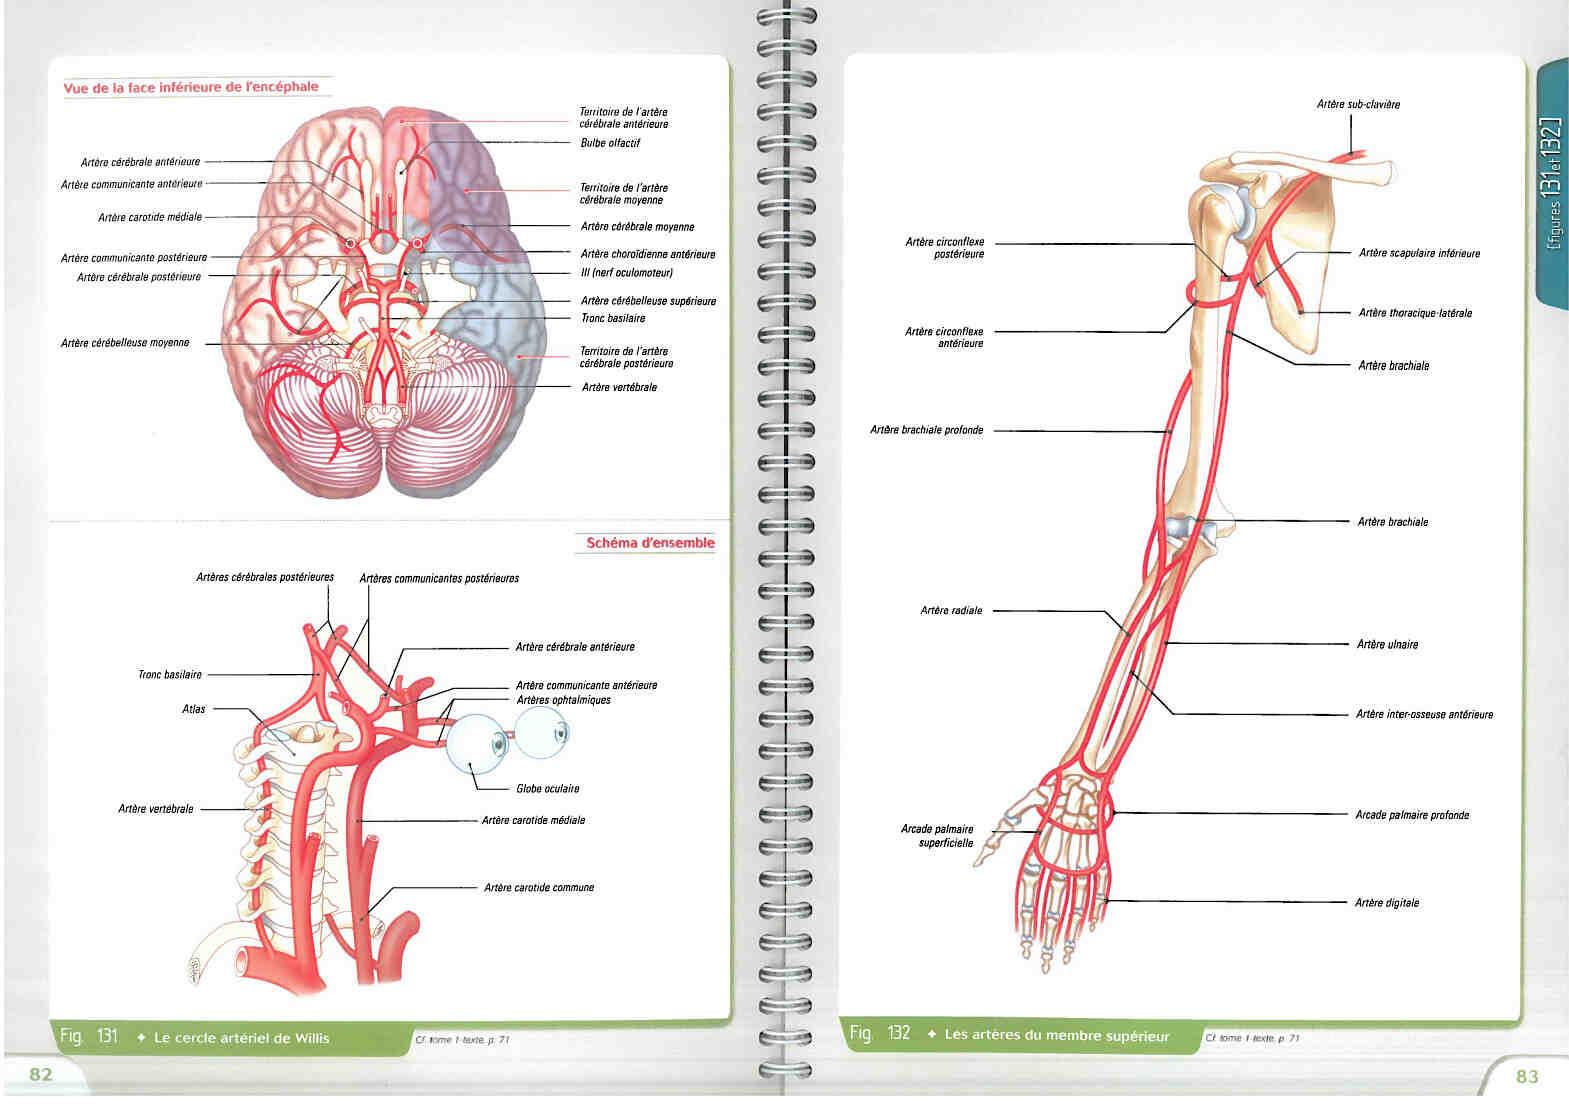 Pourquoi étudier l'anatomie?